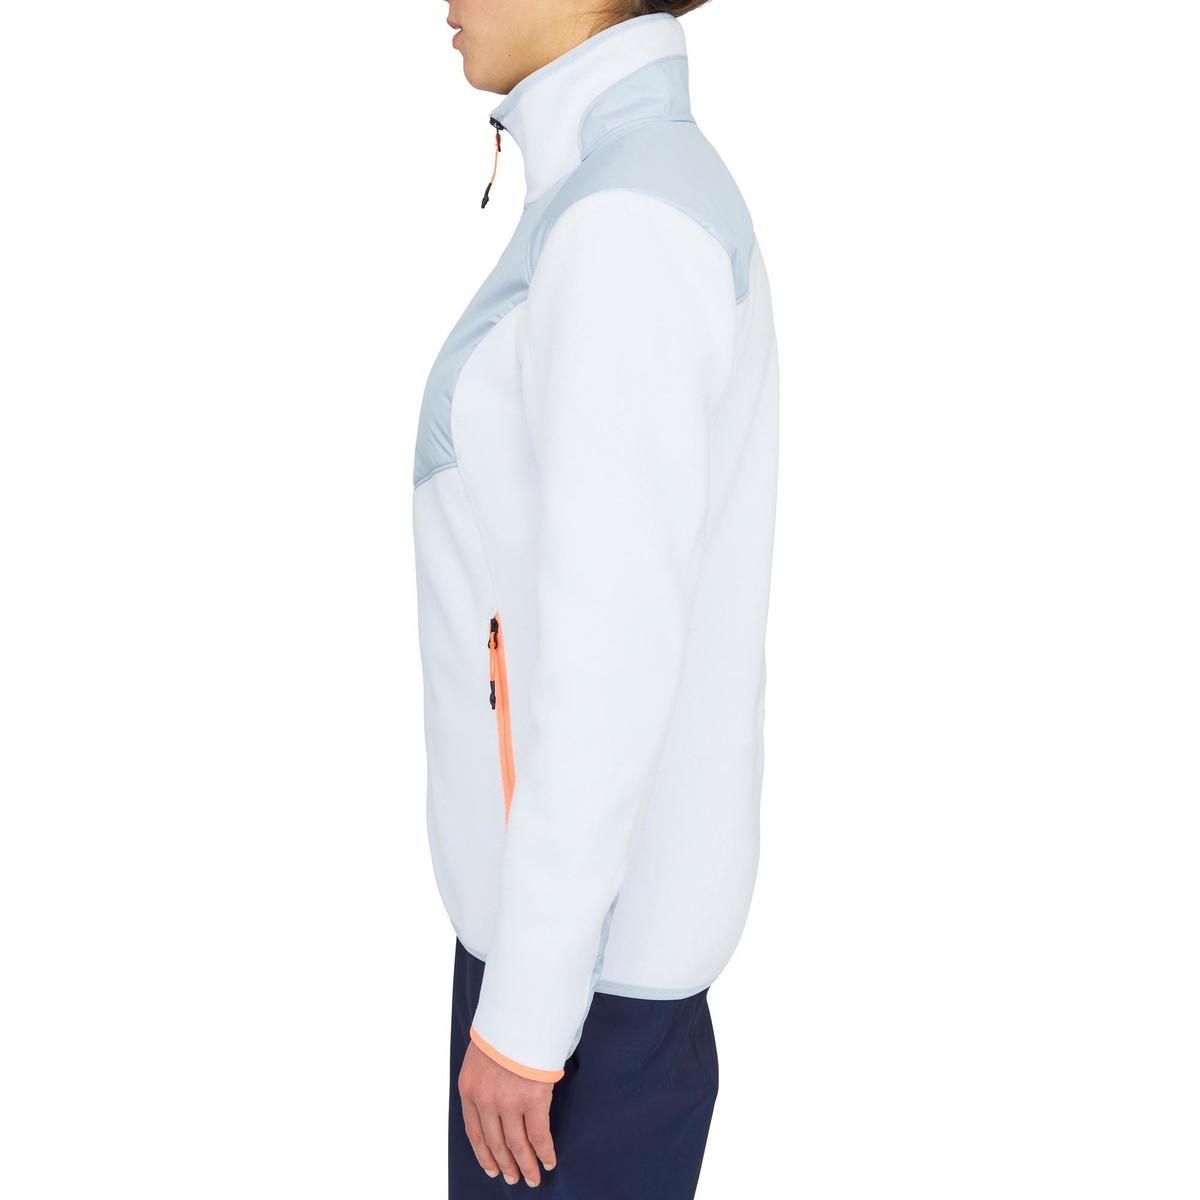 Bild 4 von Fleecejacke Segeln warm Inshore 900 Damen grau/weiß